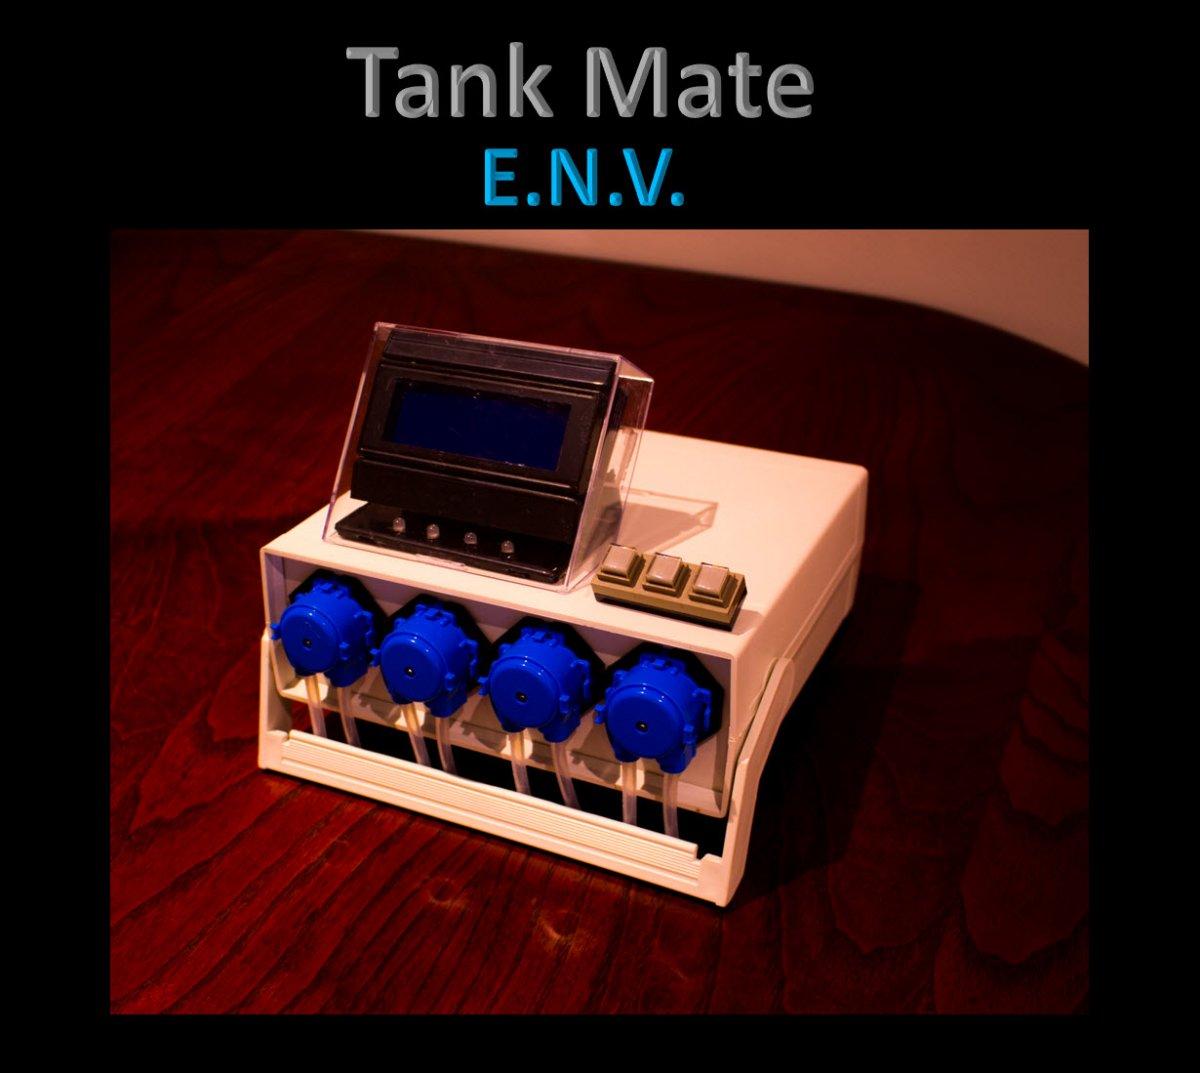 2020-03-14_SneakPeek-TankMate-ENV.jpg